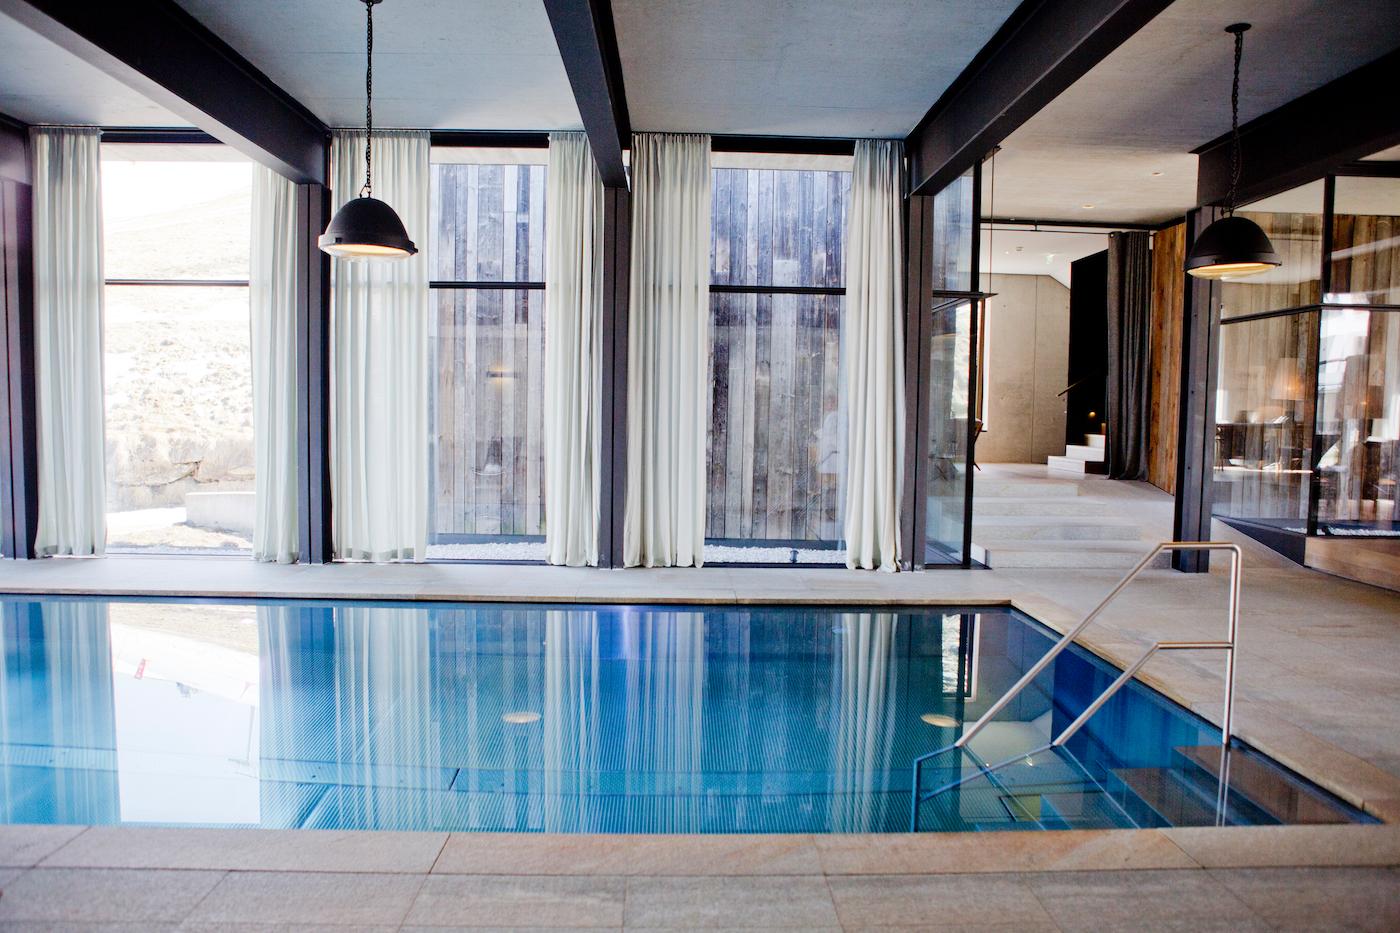 Wiesergut 5 sterne design hotel saalbach hinterglemm for Designhotel hinterglemm